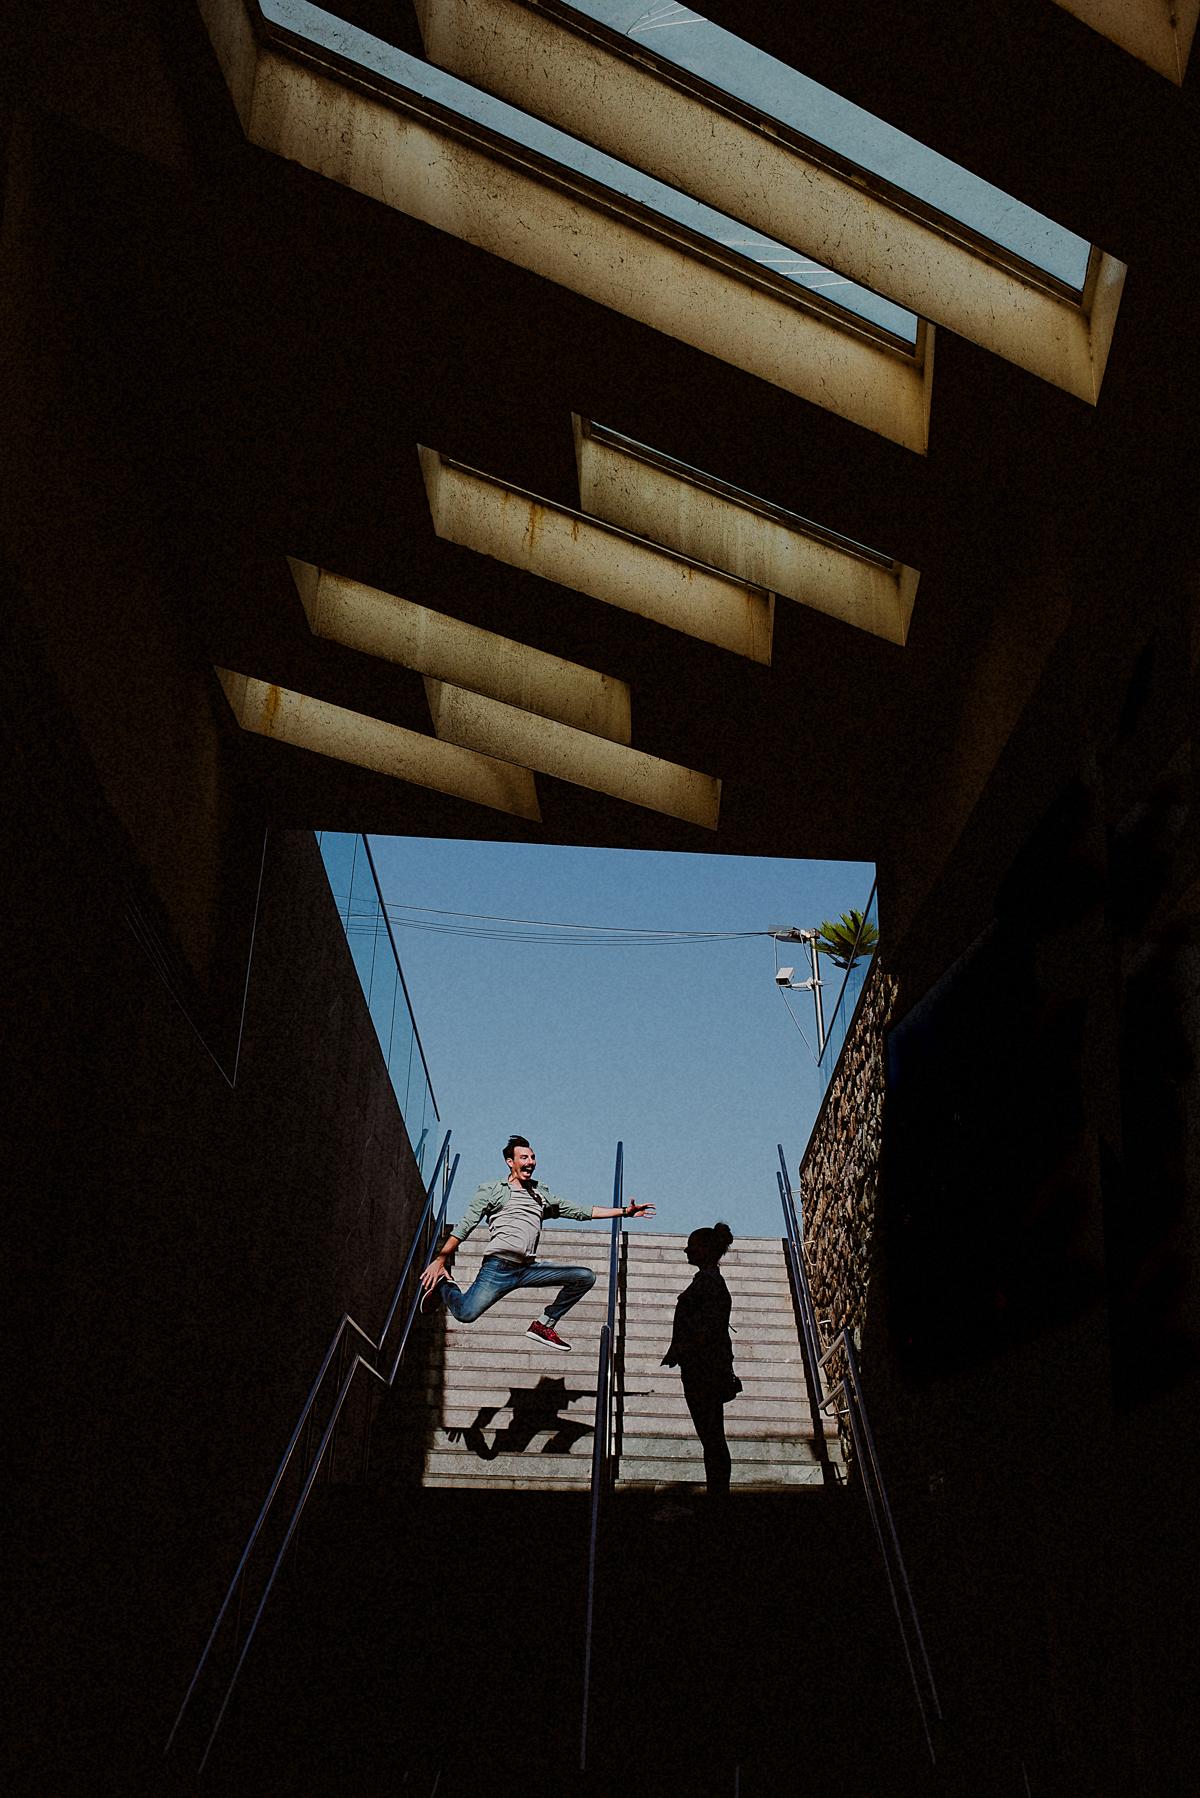 Pareja bailando en Donostia San Sebastian